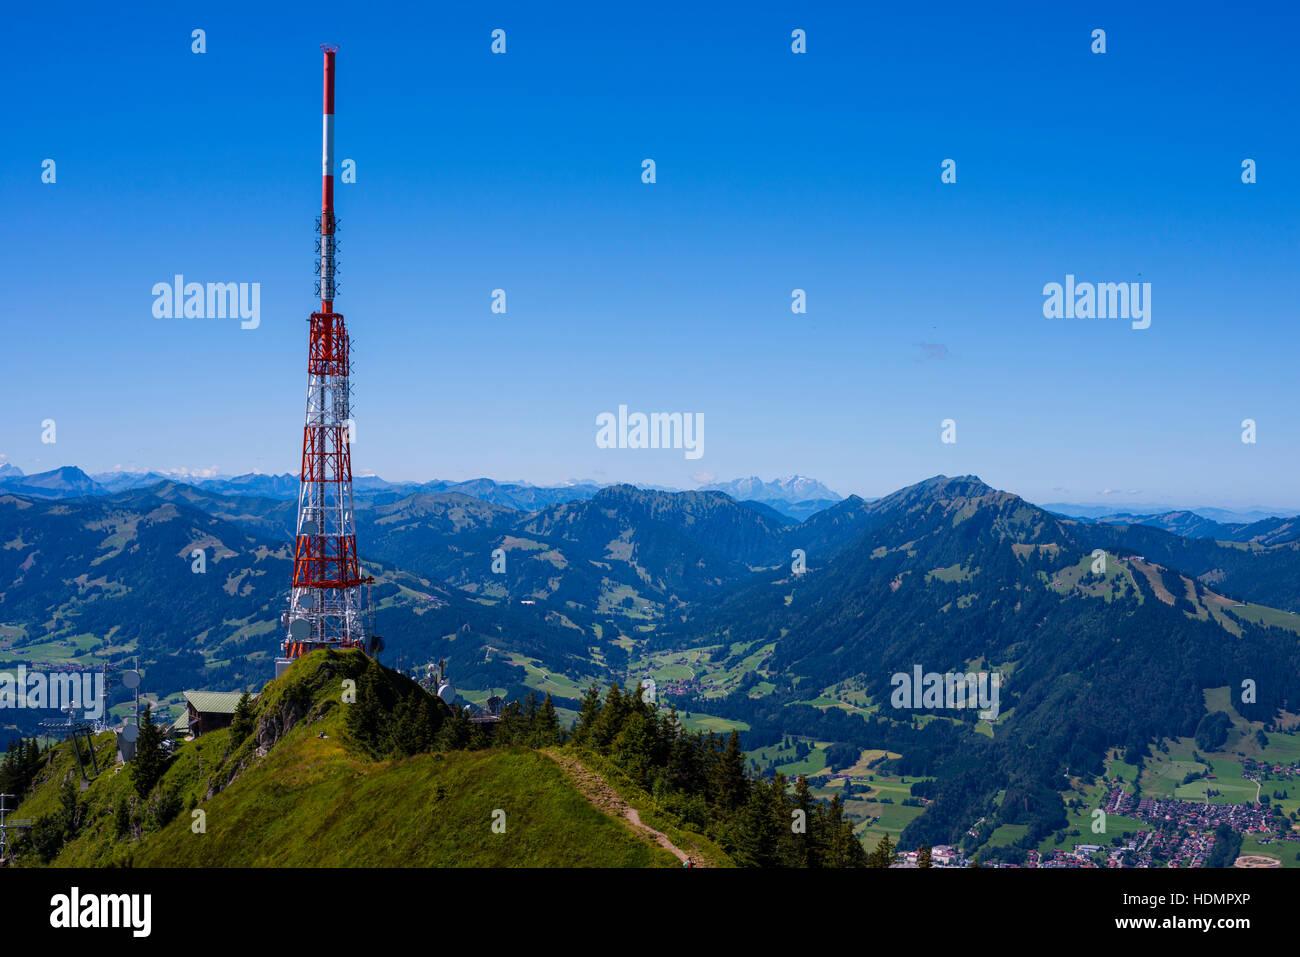 Bayerischer Rundfunk Sonnenfinsternis